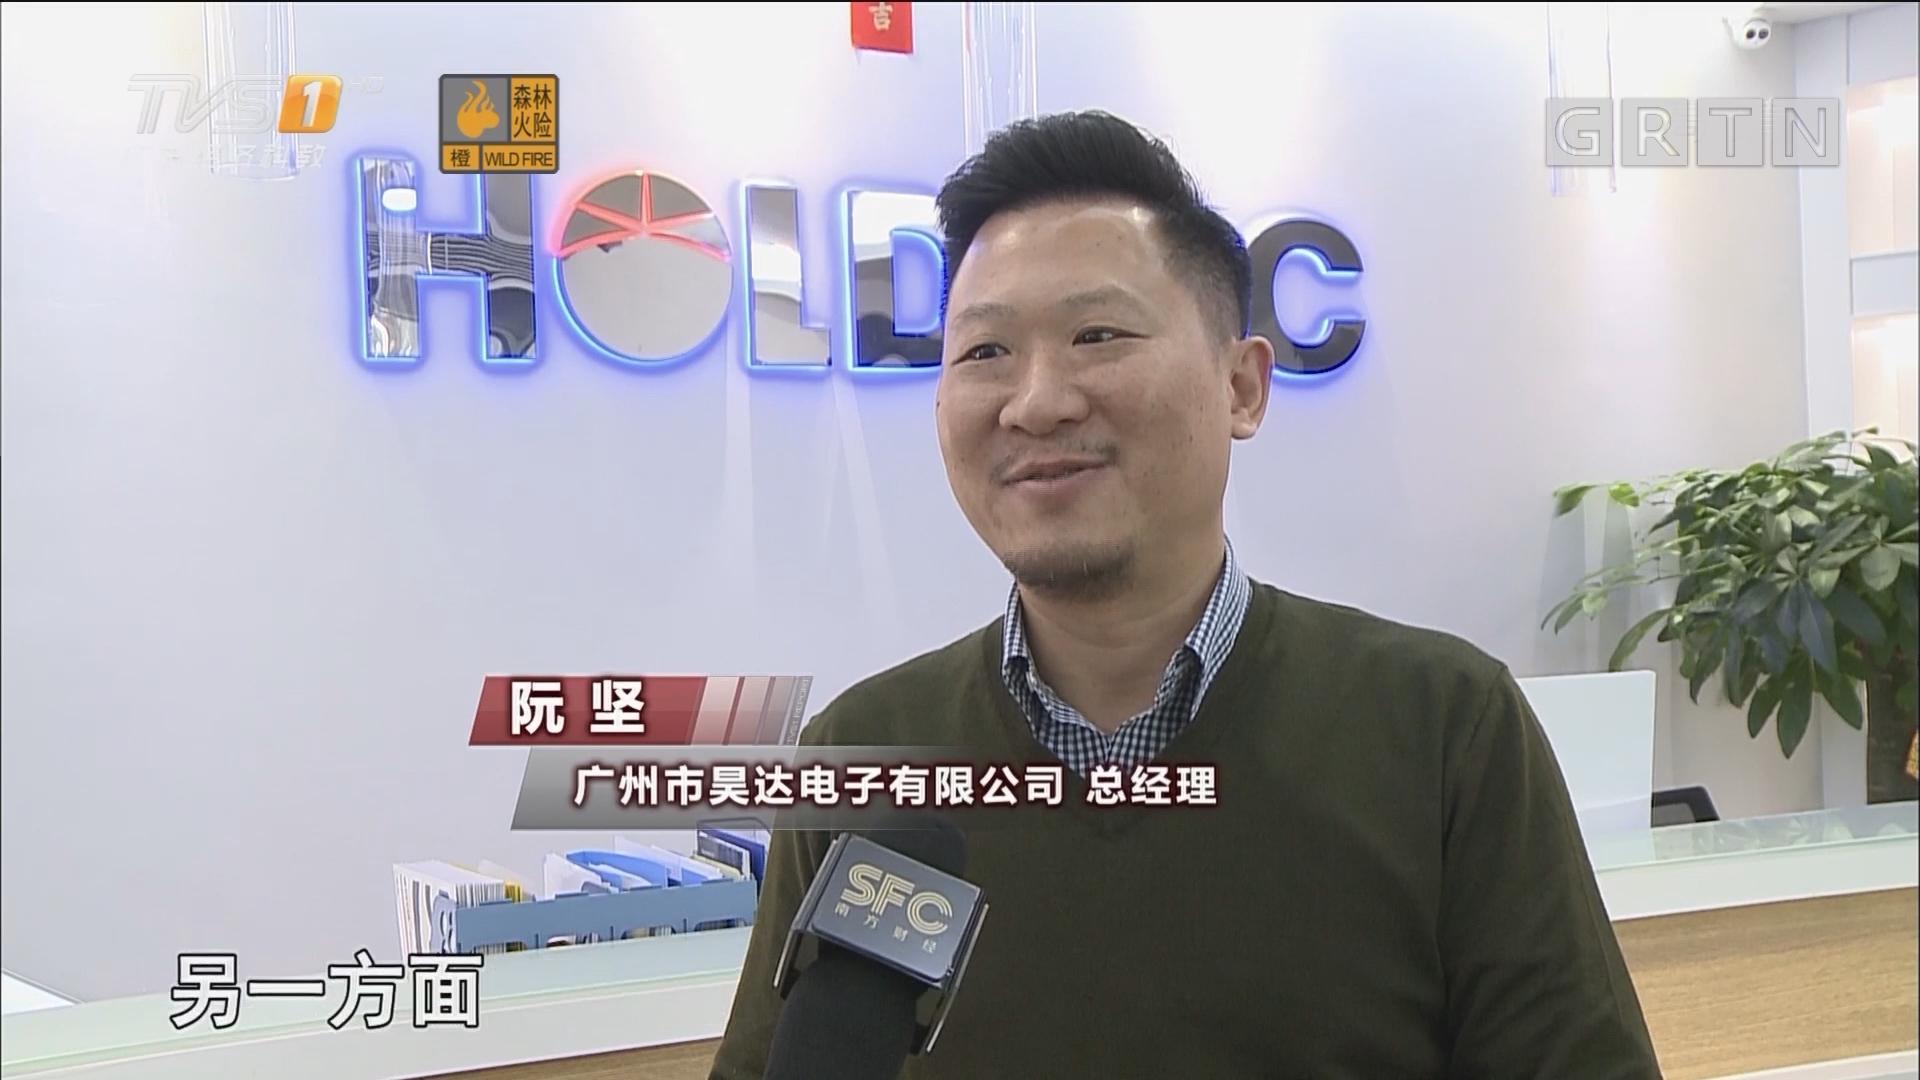 质量安全广东行:小标识大关怀(下) 广东8家接线板龙头生产企业发起召回活动